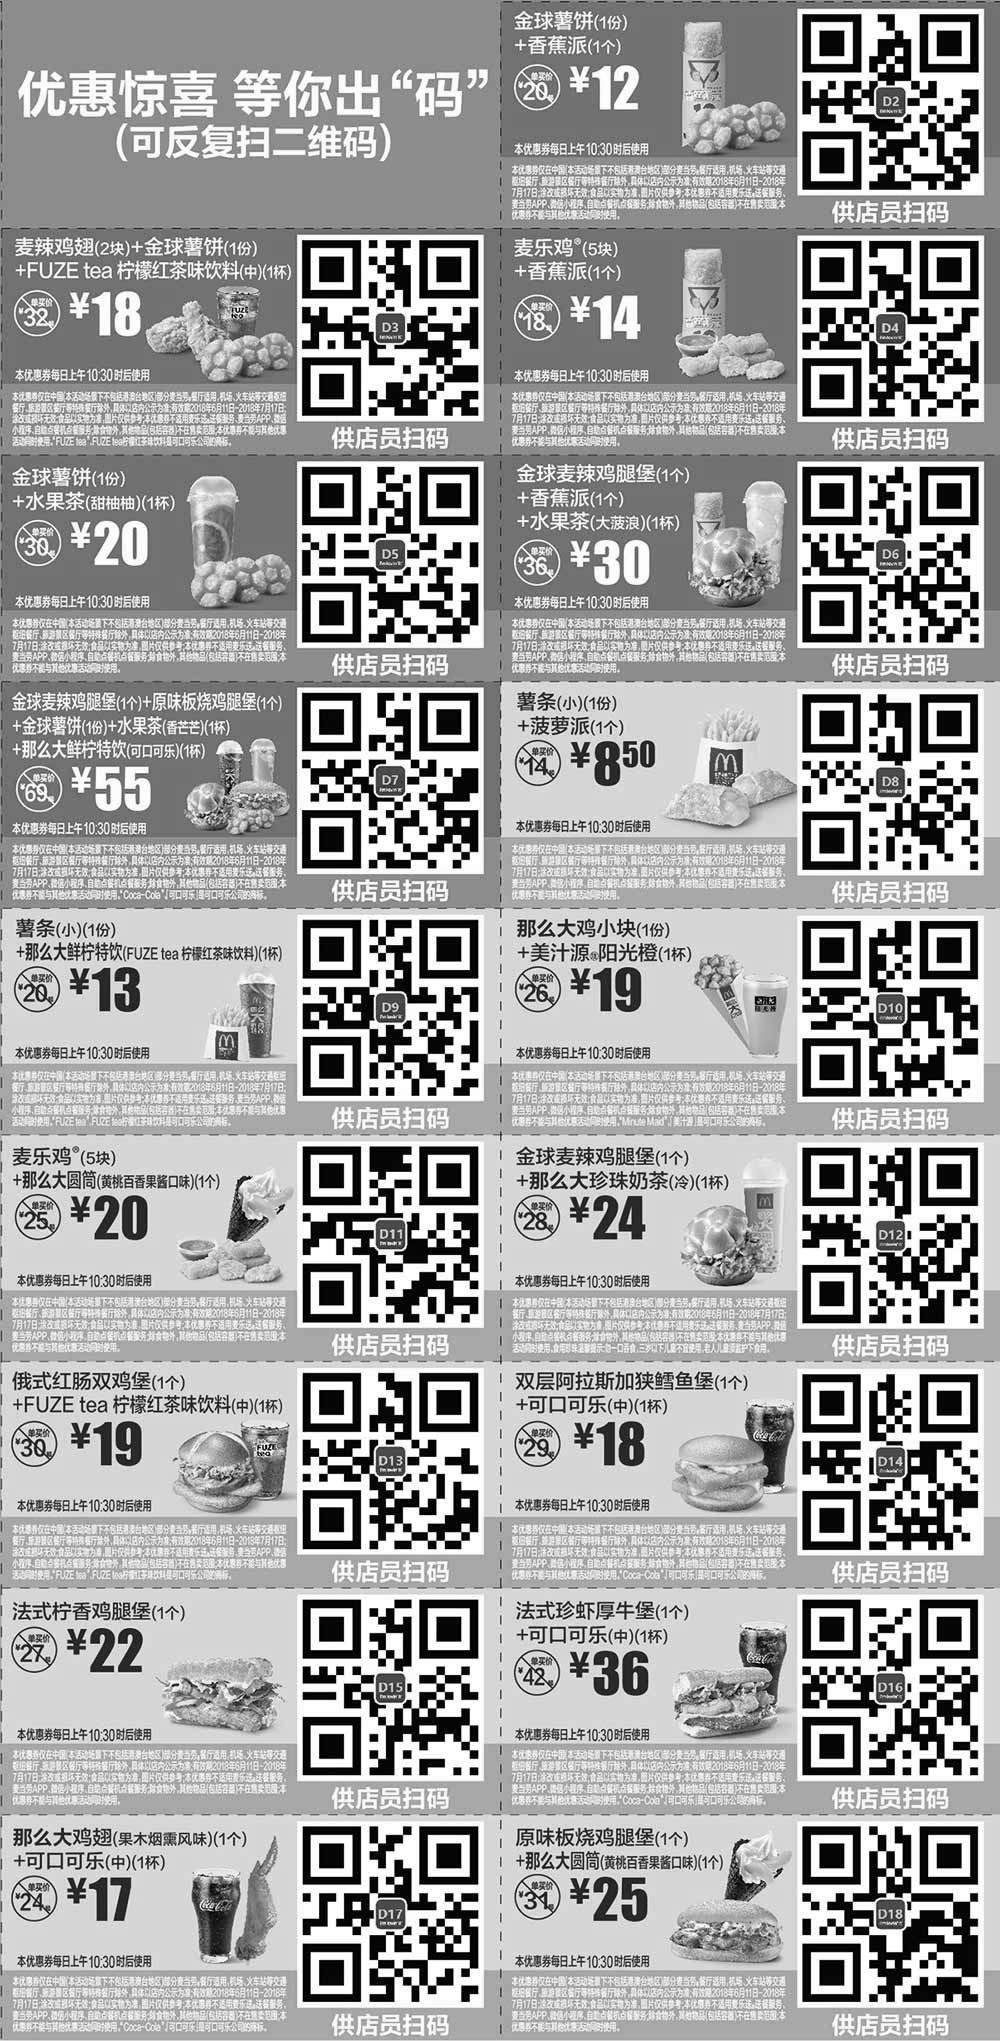 黑白优惠券图片:2018年6月7月份麦当劳优惠券手机版整张版本,点餐出示给店员扫码享优惠 - www.5ikfc.com